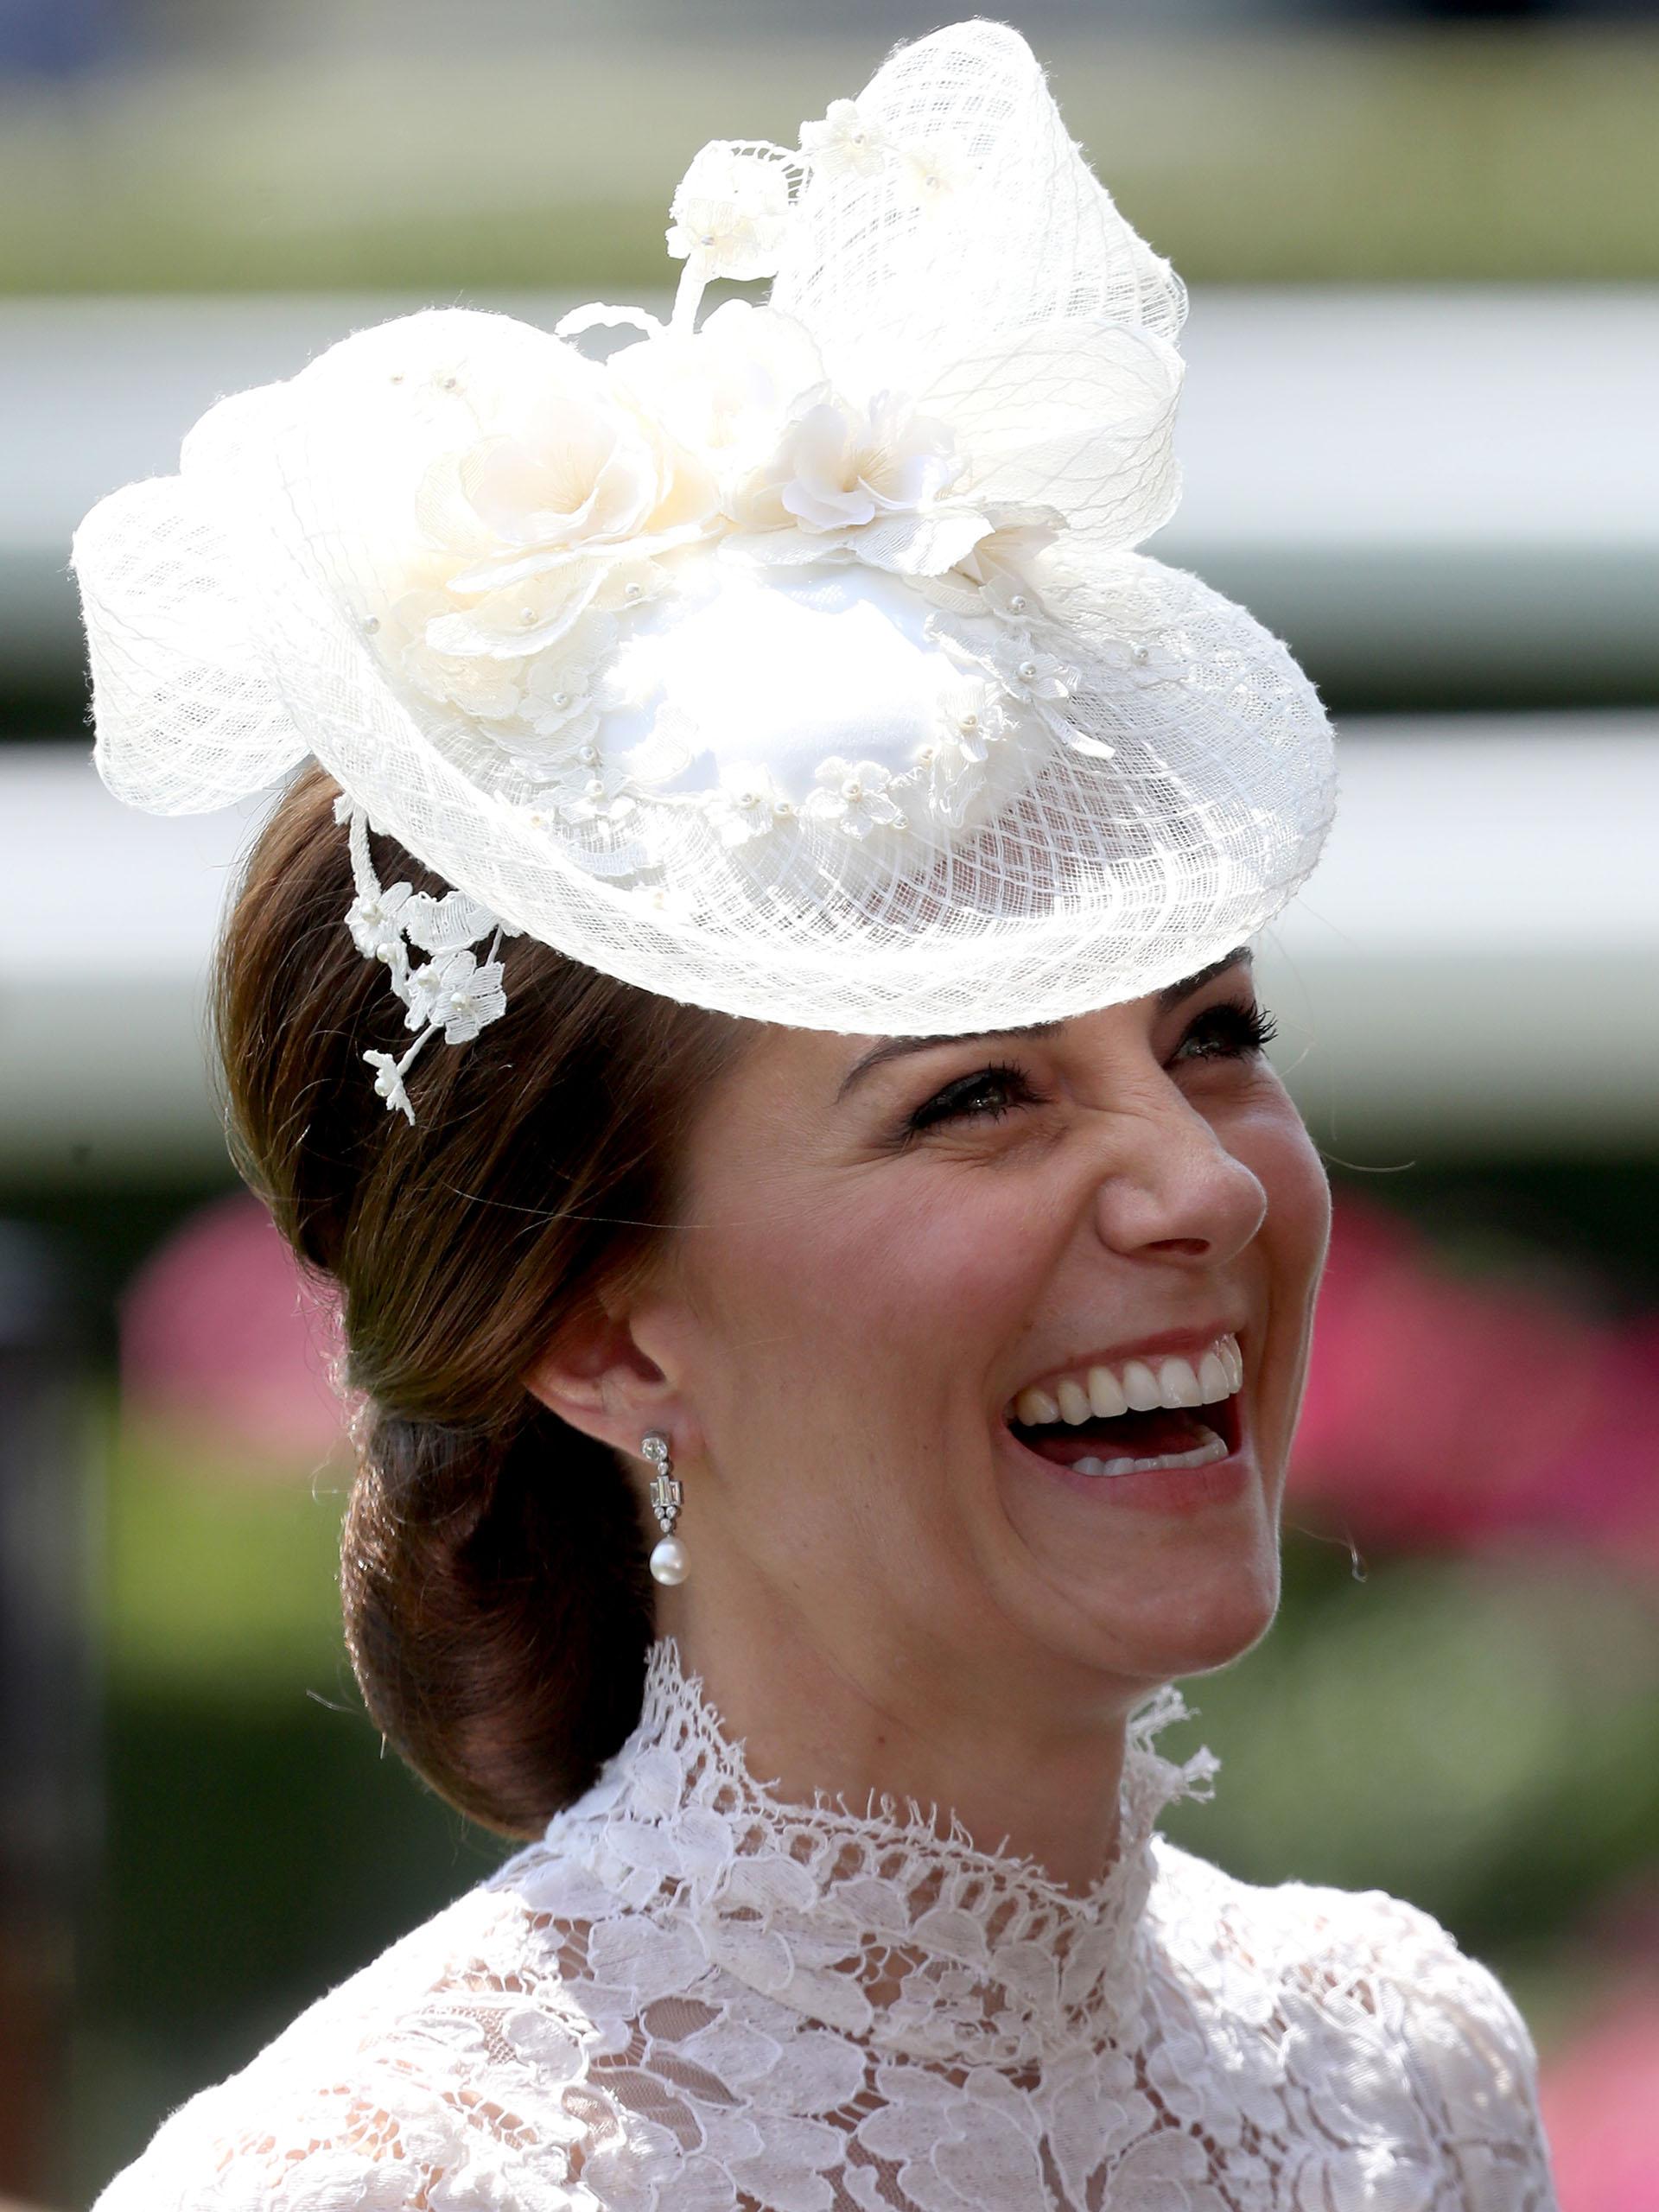 Kate Middelton, la duquesa de Cambridge, elige un look similar al que llevó el año pasado en este mismo evento. Se trata de un vestido de encaje blanco de Alexander McQueen, que combinó con un elegante tocado a juego (Getty Image)